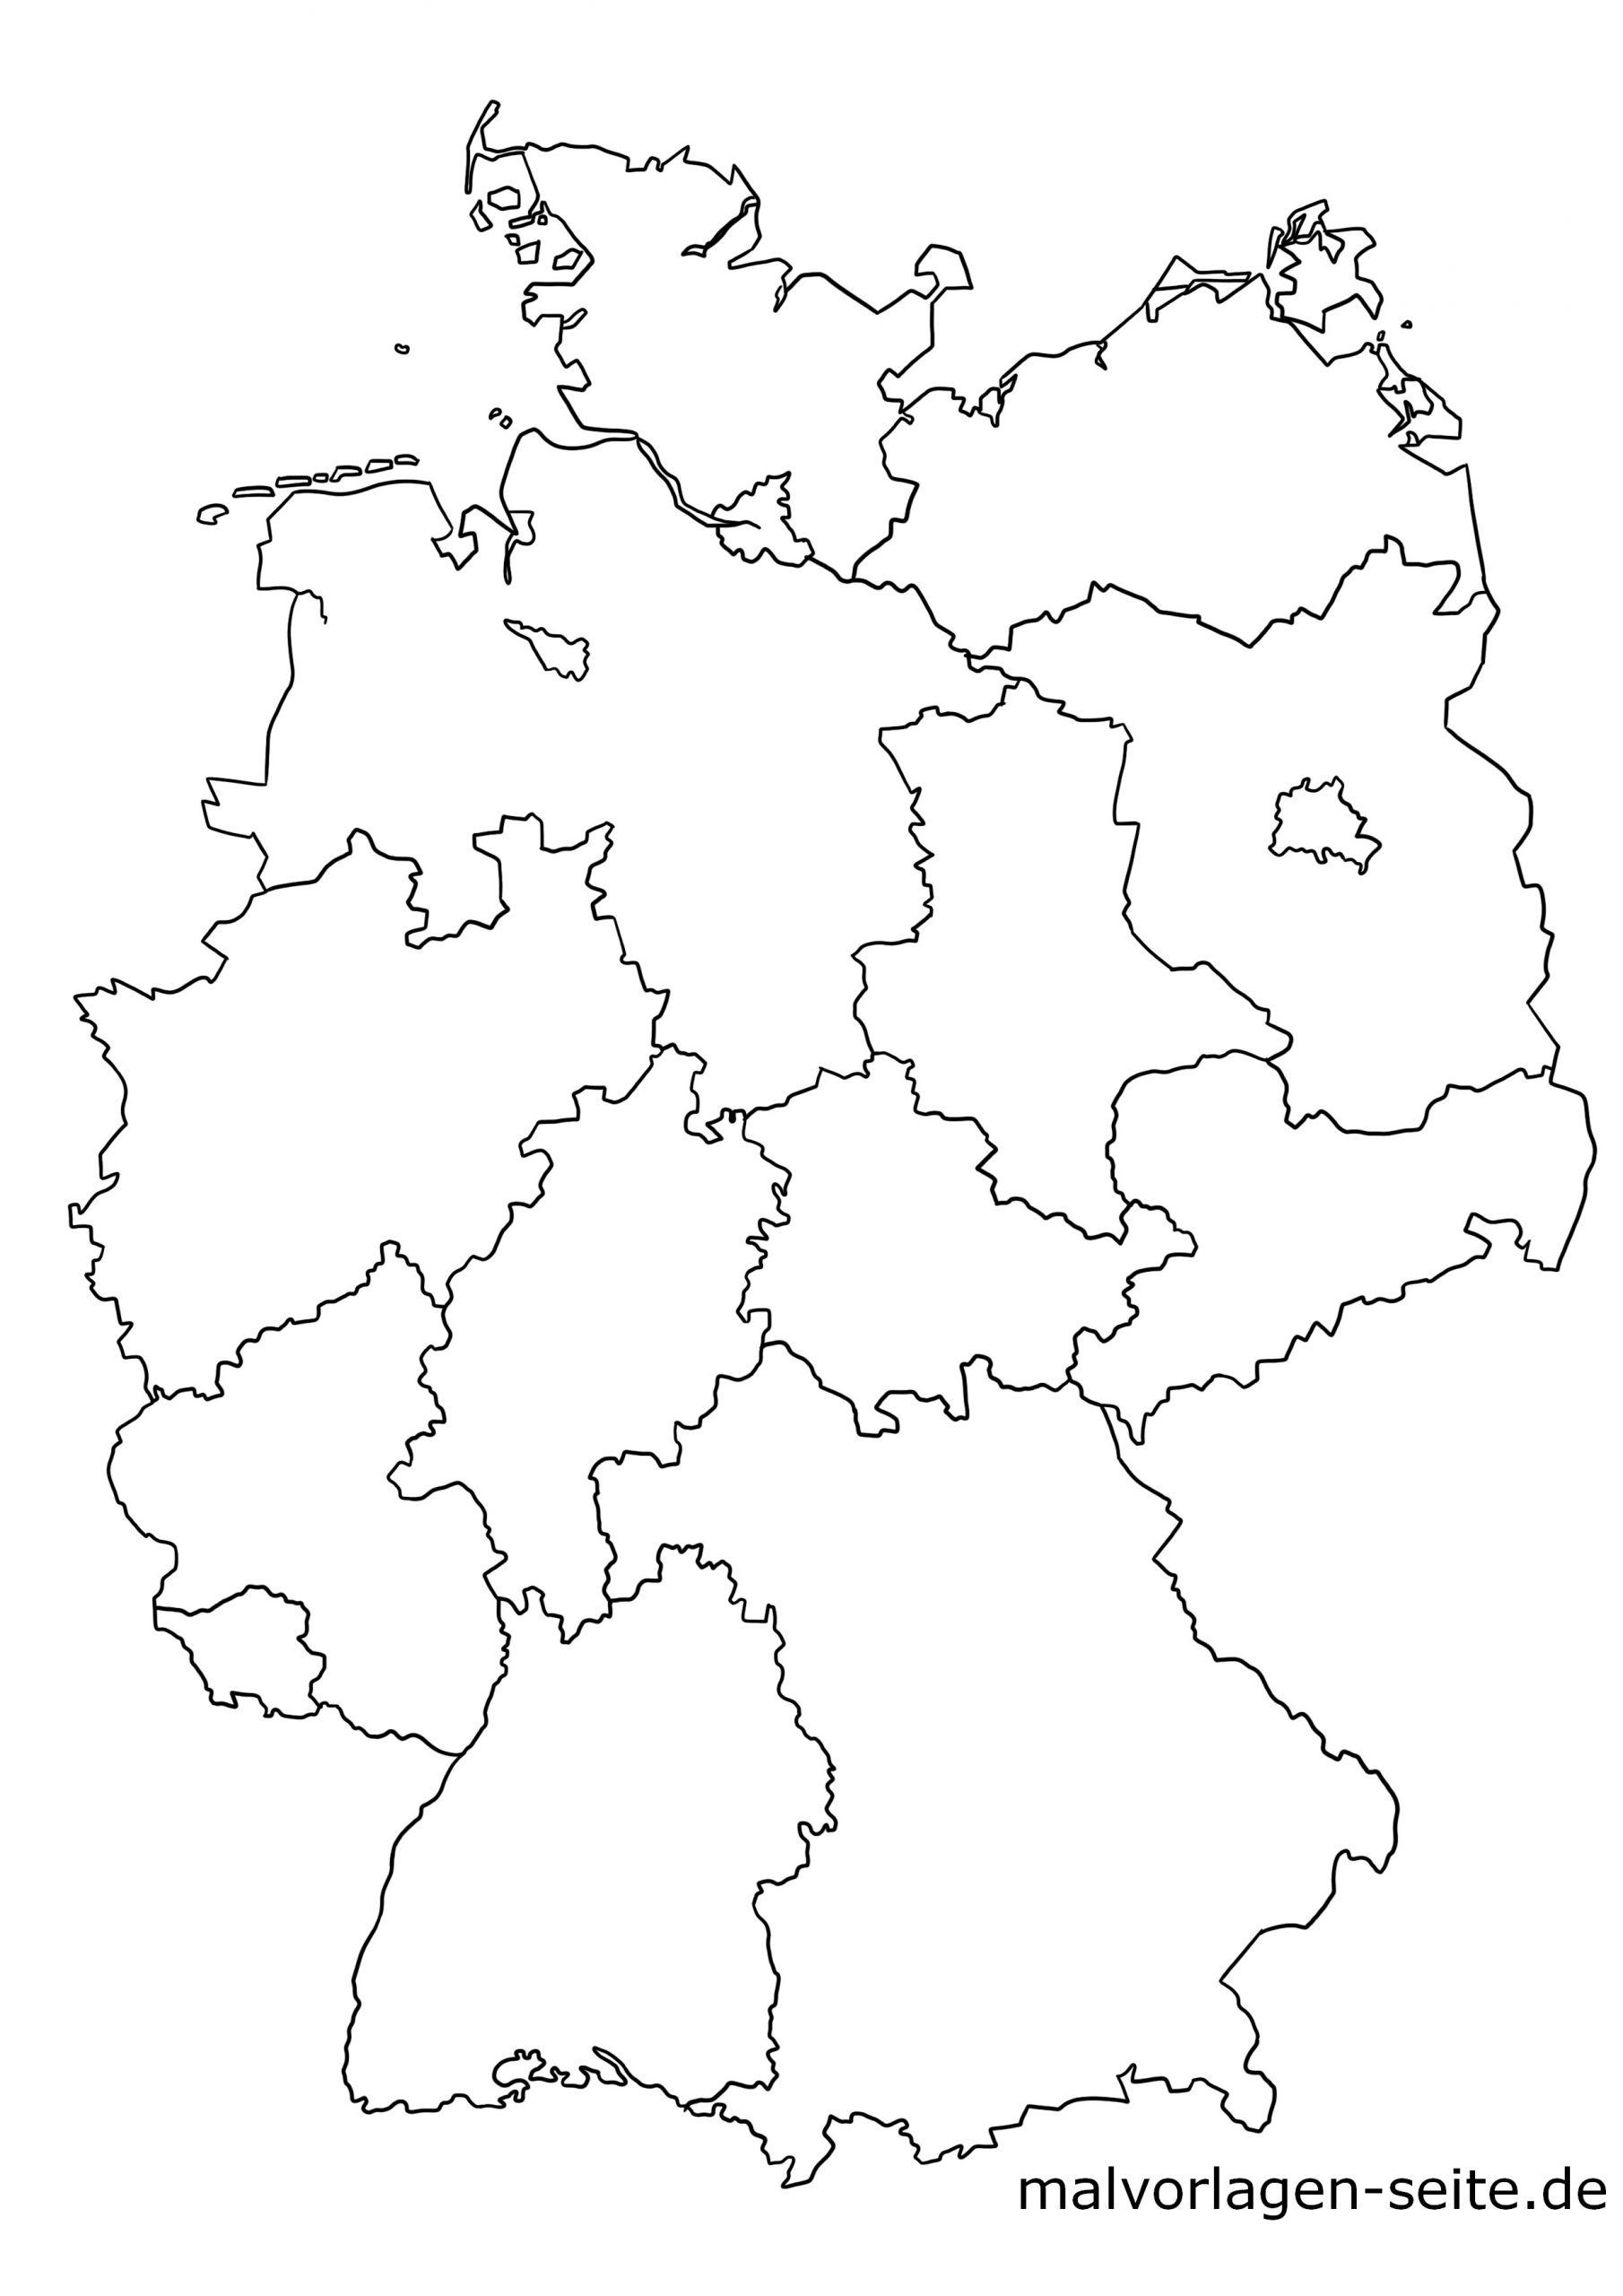 Deutschland Landkarte Der Bundesländer - Politsche Karte verwandt mit Deutschland Karte Bundesländer Hauptstädte